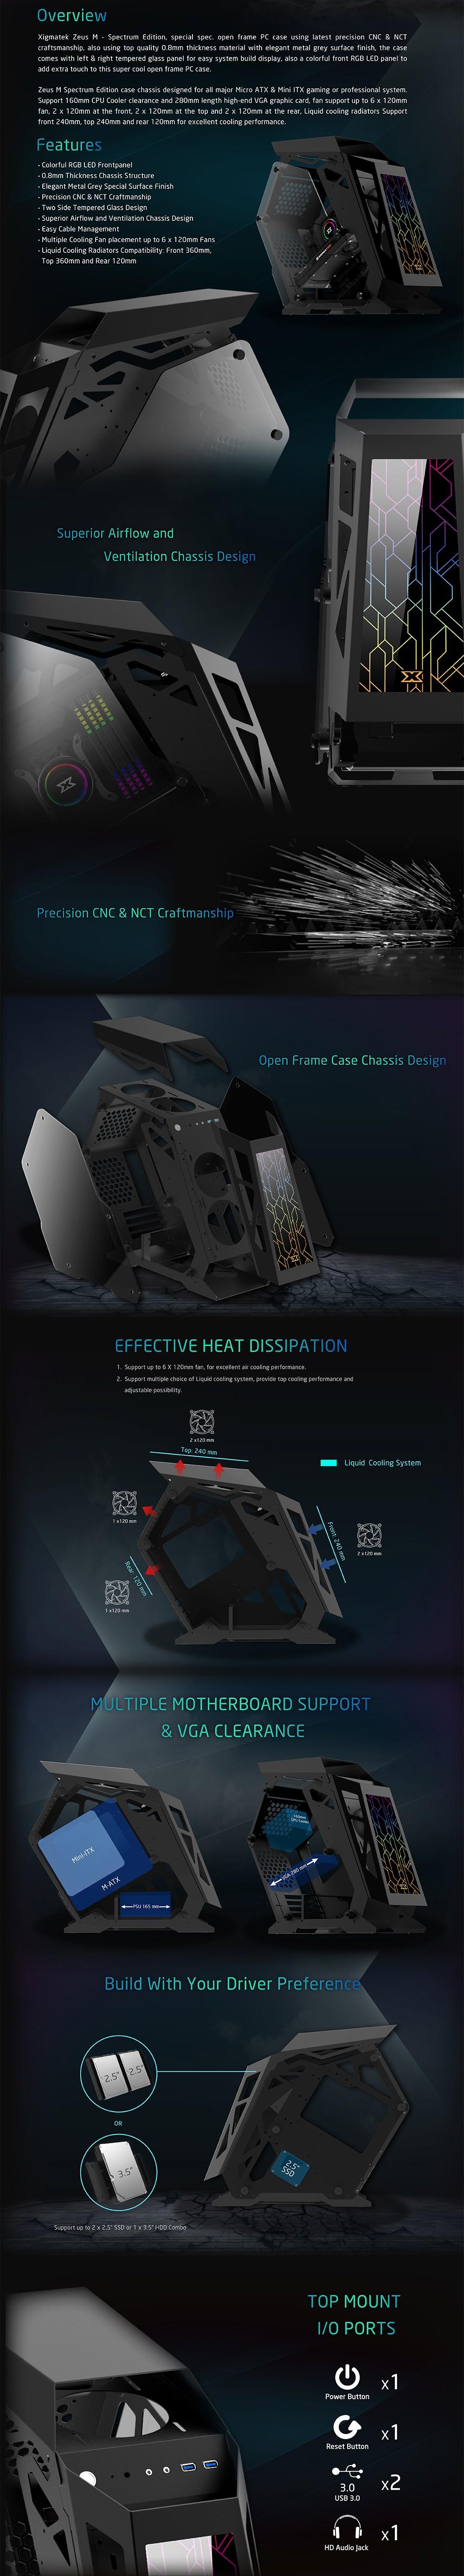 Thùng máy Xigmatek Zeus M Spectrum Edition EN44023